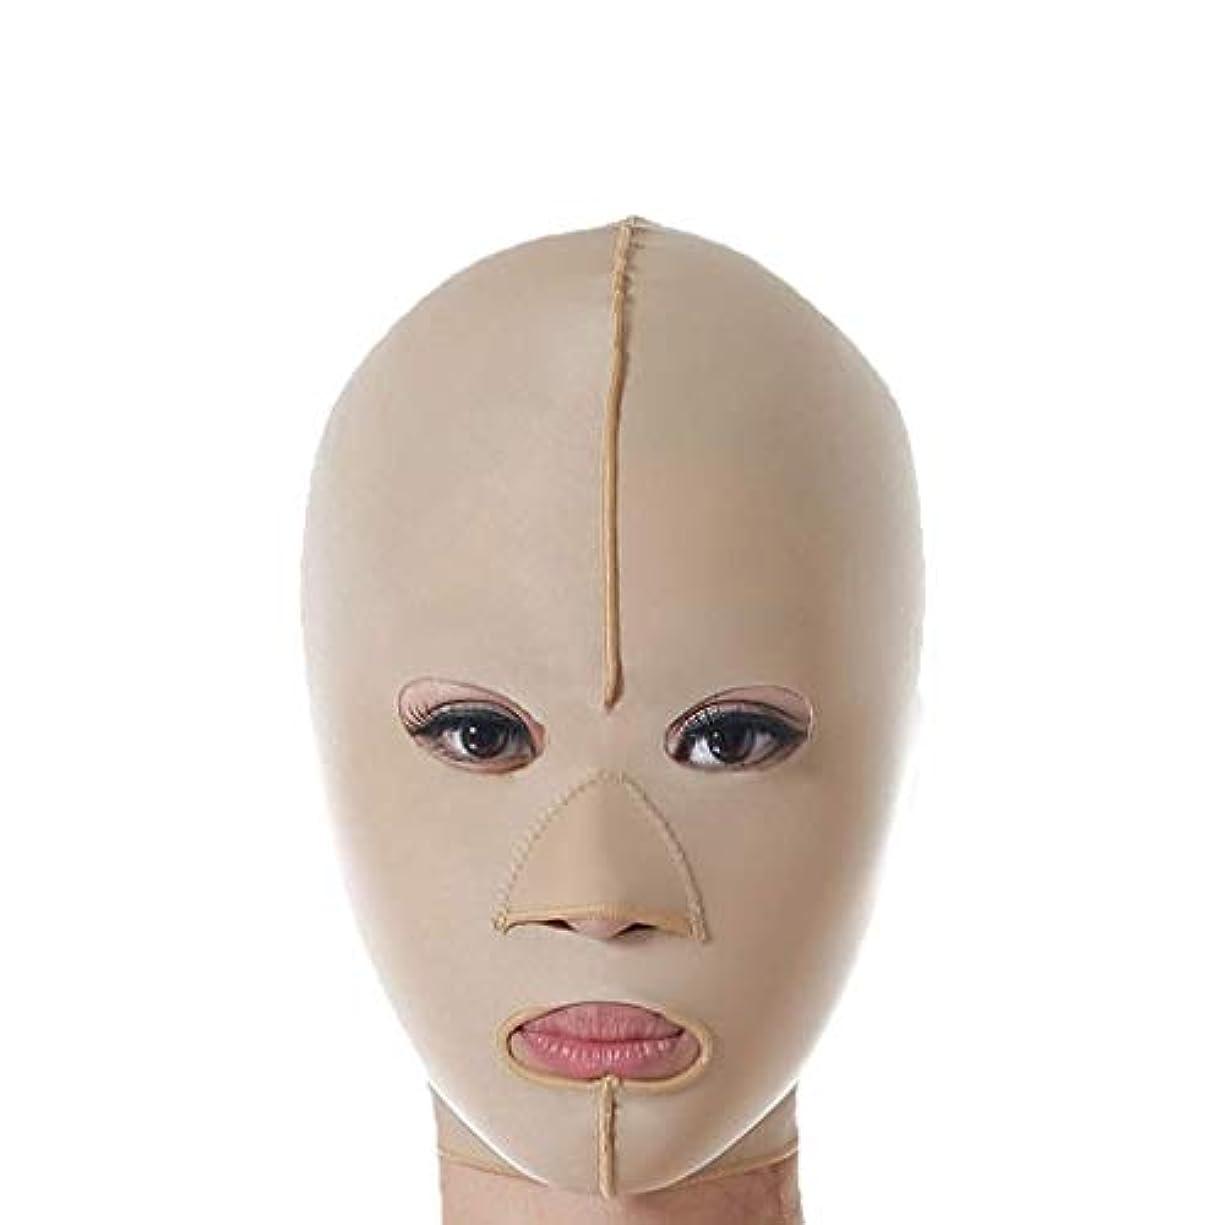 苛性熟読する熱心な減量フェイスマスク、リフティング包帯、スリムフェイスリフトリフティングベルト、フェイシャル減量リフティング包帯、リフティングファーミング包帯(サイズ:XL),XL